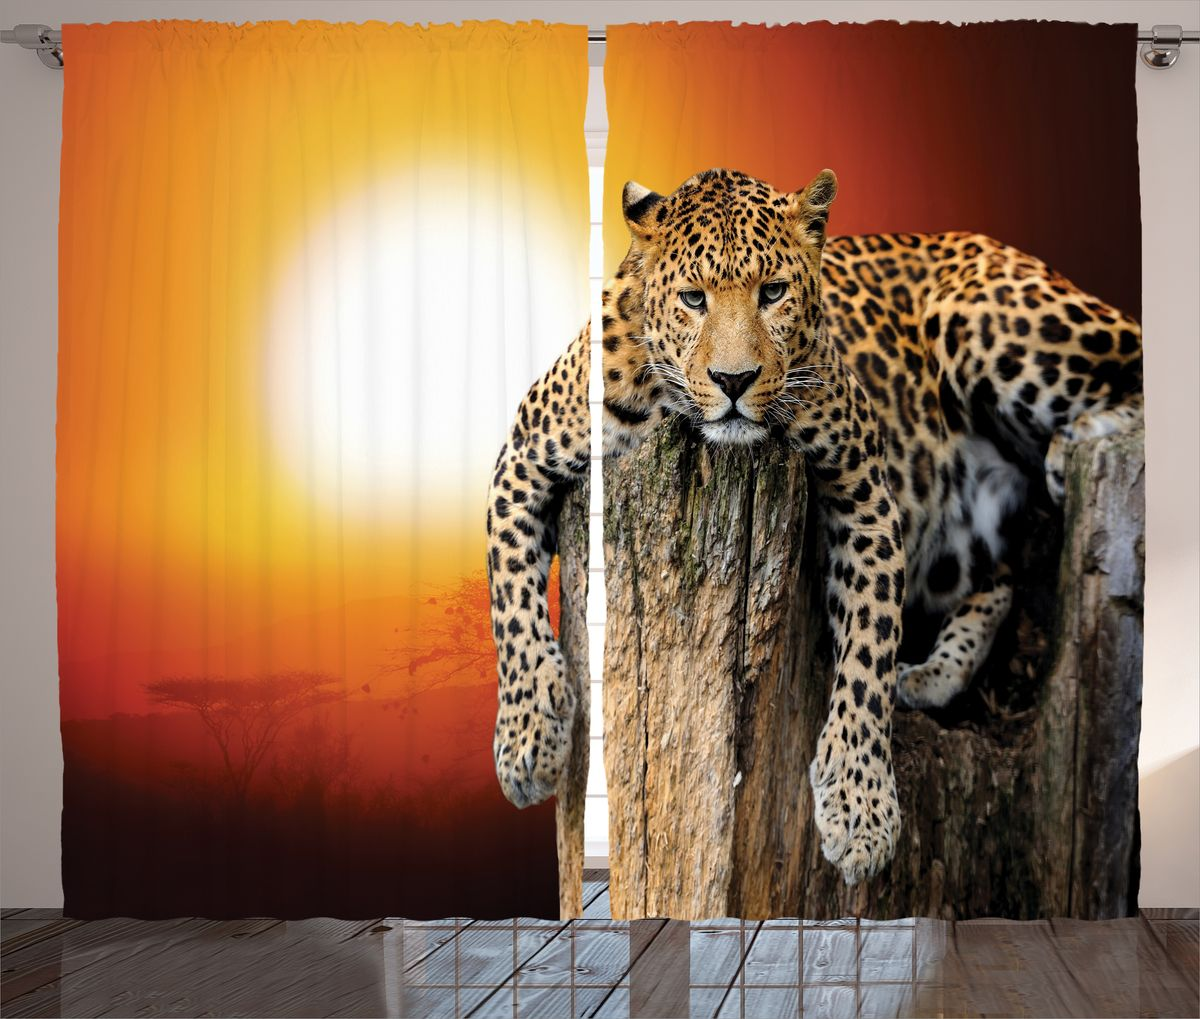 Комплект фотоштор Magic Lady, на ленте, высота 265 см. шсг_164872615S540JAКомпания Сэмболь изготавливает шторы из высококачественного сатена (полиэстер 100%). При изготовлении используются специальные гипоаллергенные чернила для прямой печати по ткани, безопасные для человека и животных. Экологичность продукции Magic lady и безопасность для окружающей среды подтверждены сертификатом Oeko-Tex Standard 100. Крепление: крючки для крепления на шторной ленте (50 шт). Возможно крепление на трубу. Внимание! При нанесении сублимационной печати на ткань технологическим методом при температуре 240°С, возможно отклонение полученных размеров (указанных на этикетке и сайте) от стандартных на + - 3-5 см. Производитель старается максимально точно передать цвета изделия на фотографиях, однако искажения неизбежны и фактический цвет изделия может отличаться от воспринимаемого по фото. Обратите внимание! Шторы изготовлены из полиэстра сатенового переплетения, а не из сатина (хлопок). Размер одного полотна шторы: 145х265 см. В комплекте 2 полотна шторы и 50 крючков.